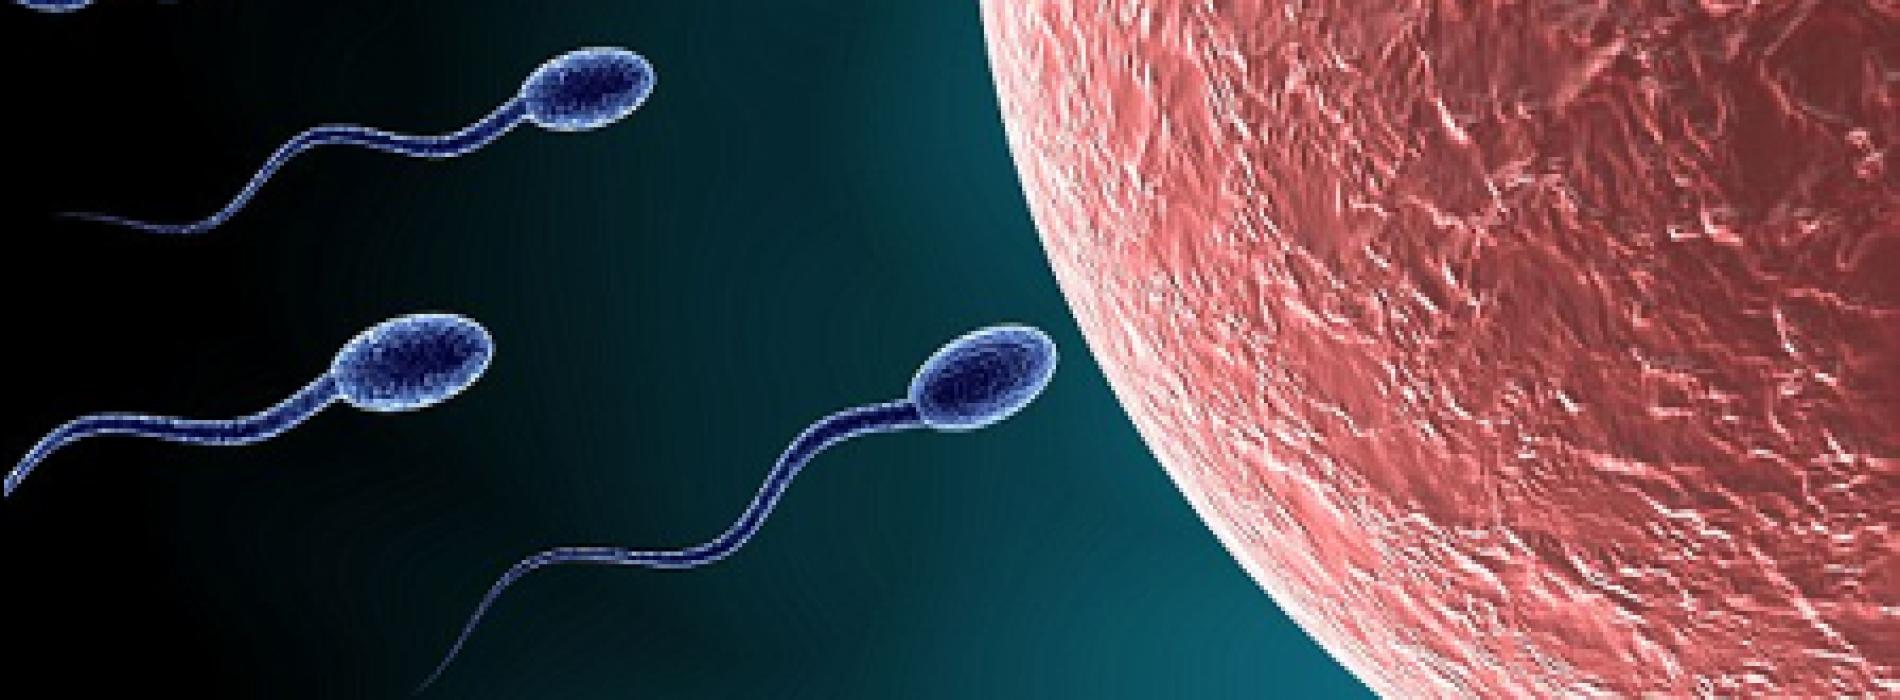 Progress on male contraceptive